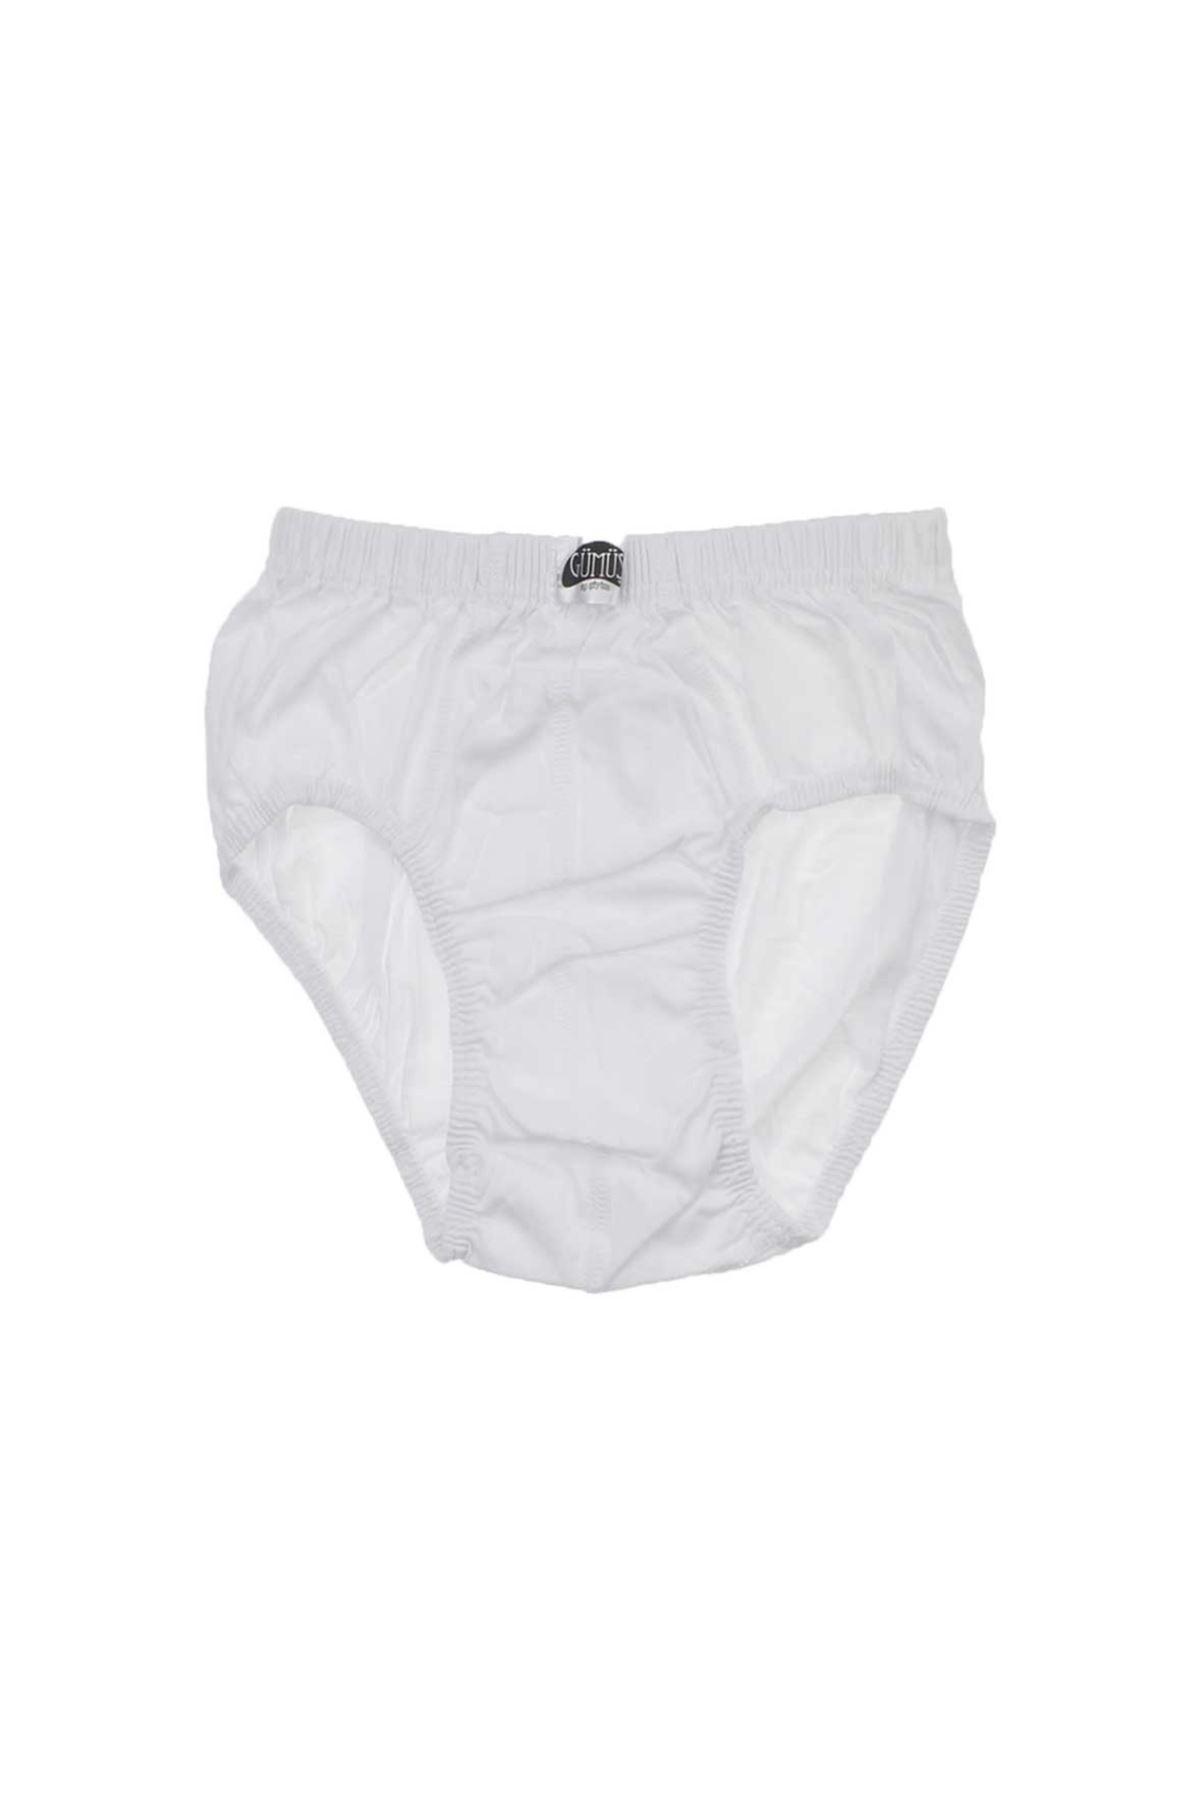 Gümüş İç Giyim Erkek 6 lı Beyaz Komslip